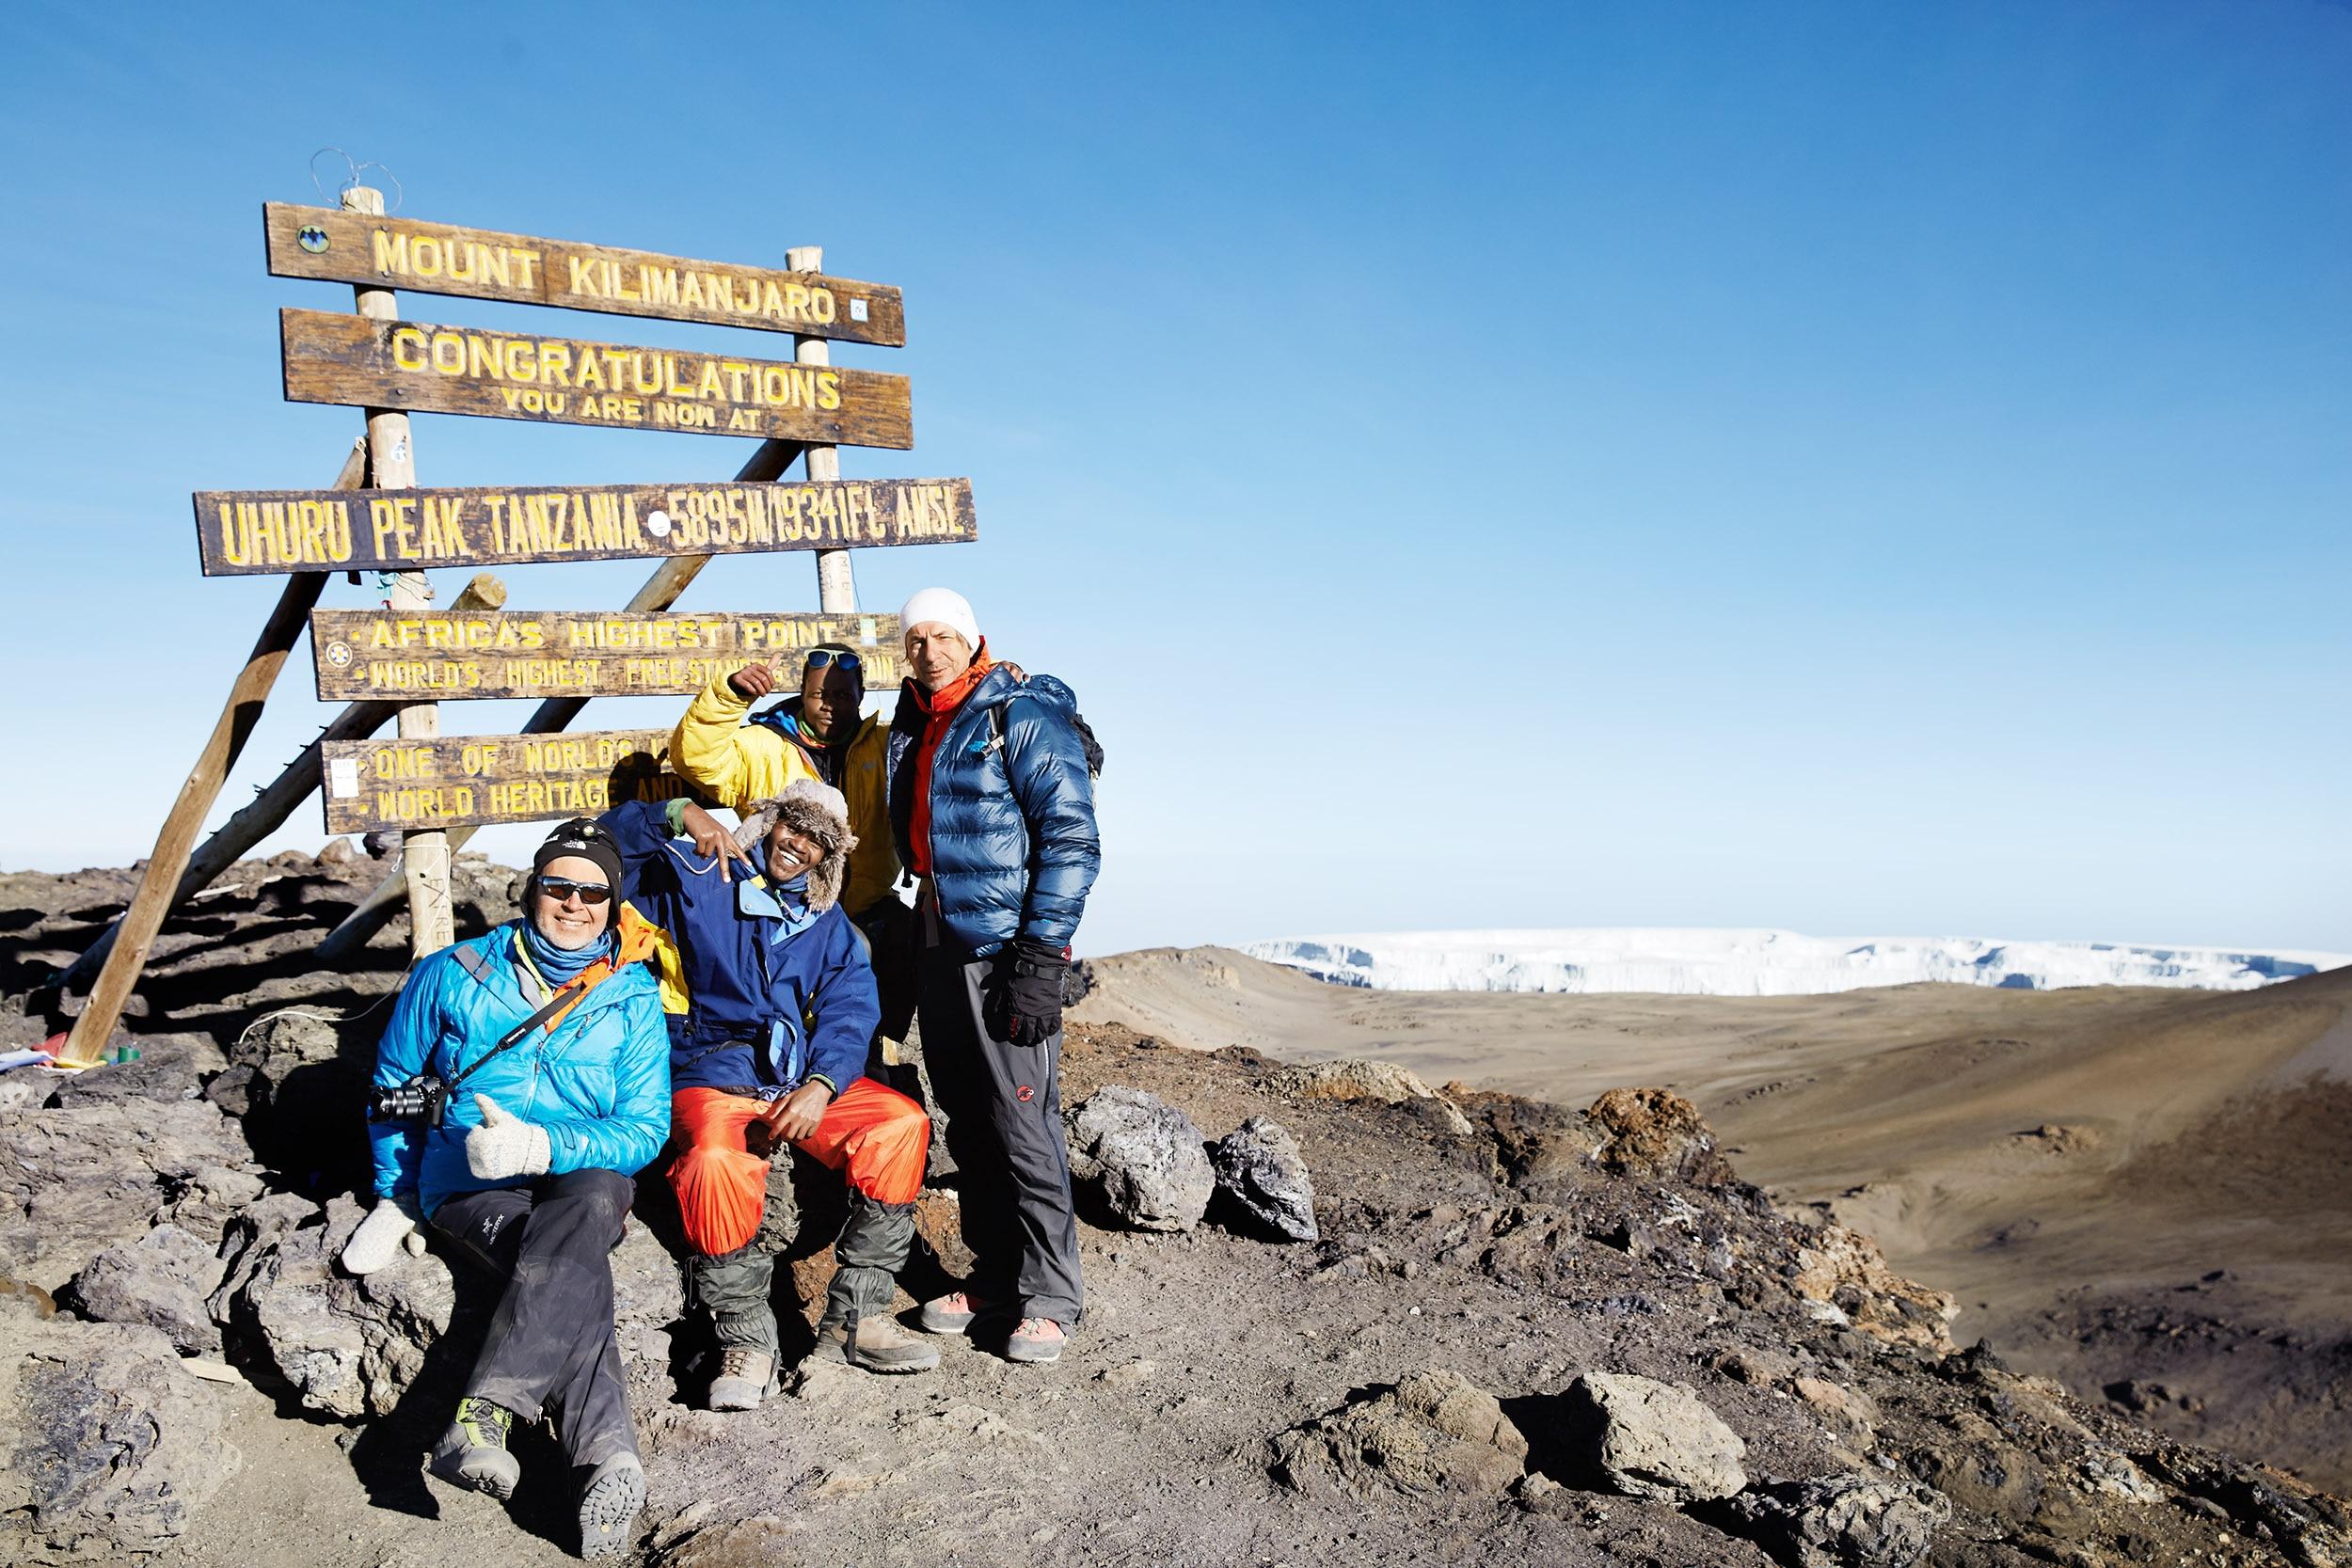 Reise: Tränen am Kilimanjaro | Bergwelten